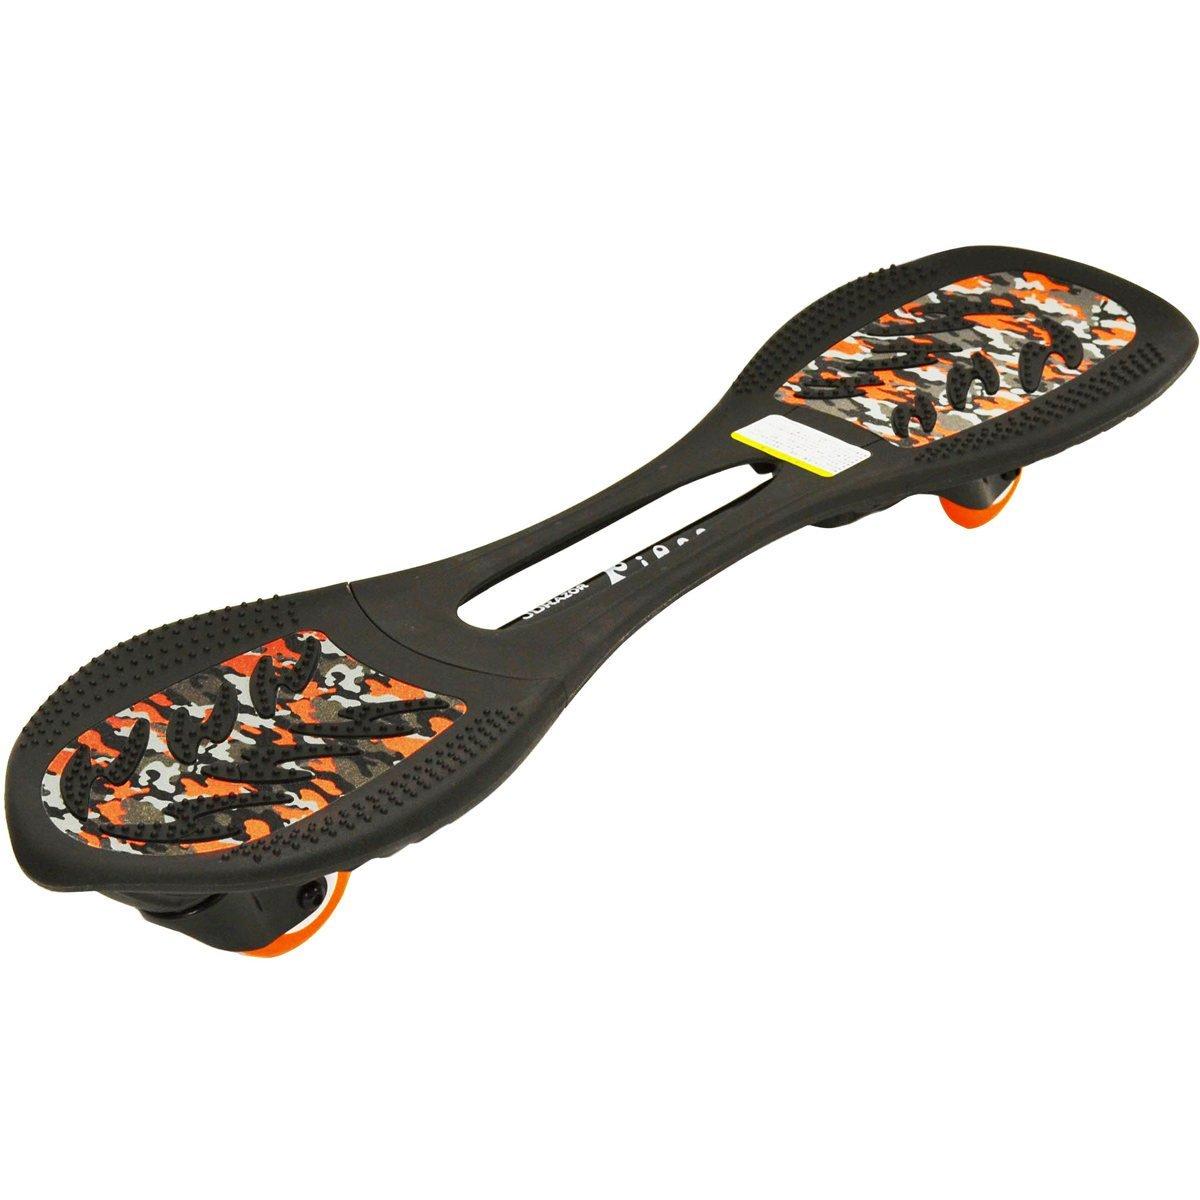 【ラッピングバック】JD RAZOR PIAOO RT-169C J-ボード 【スケートボード SK8】【送料無料】